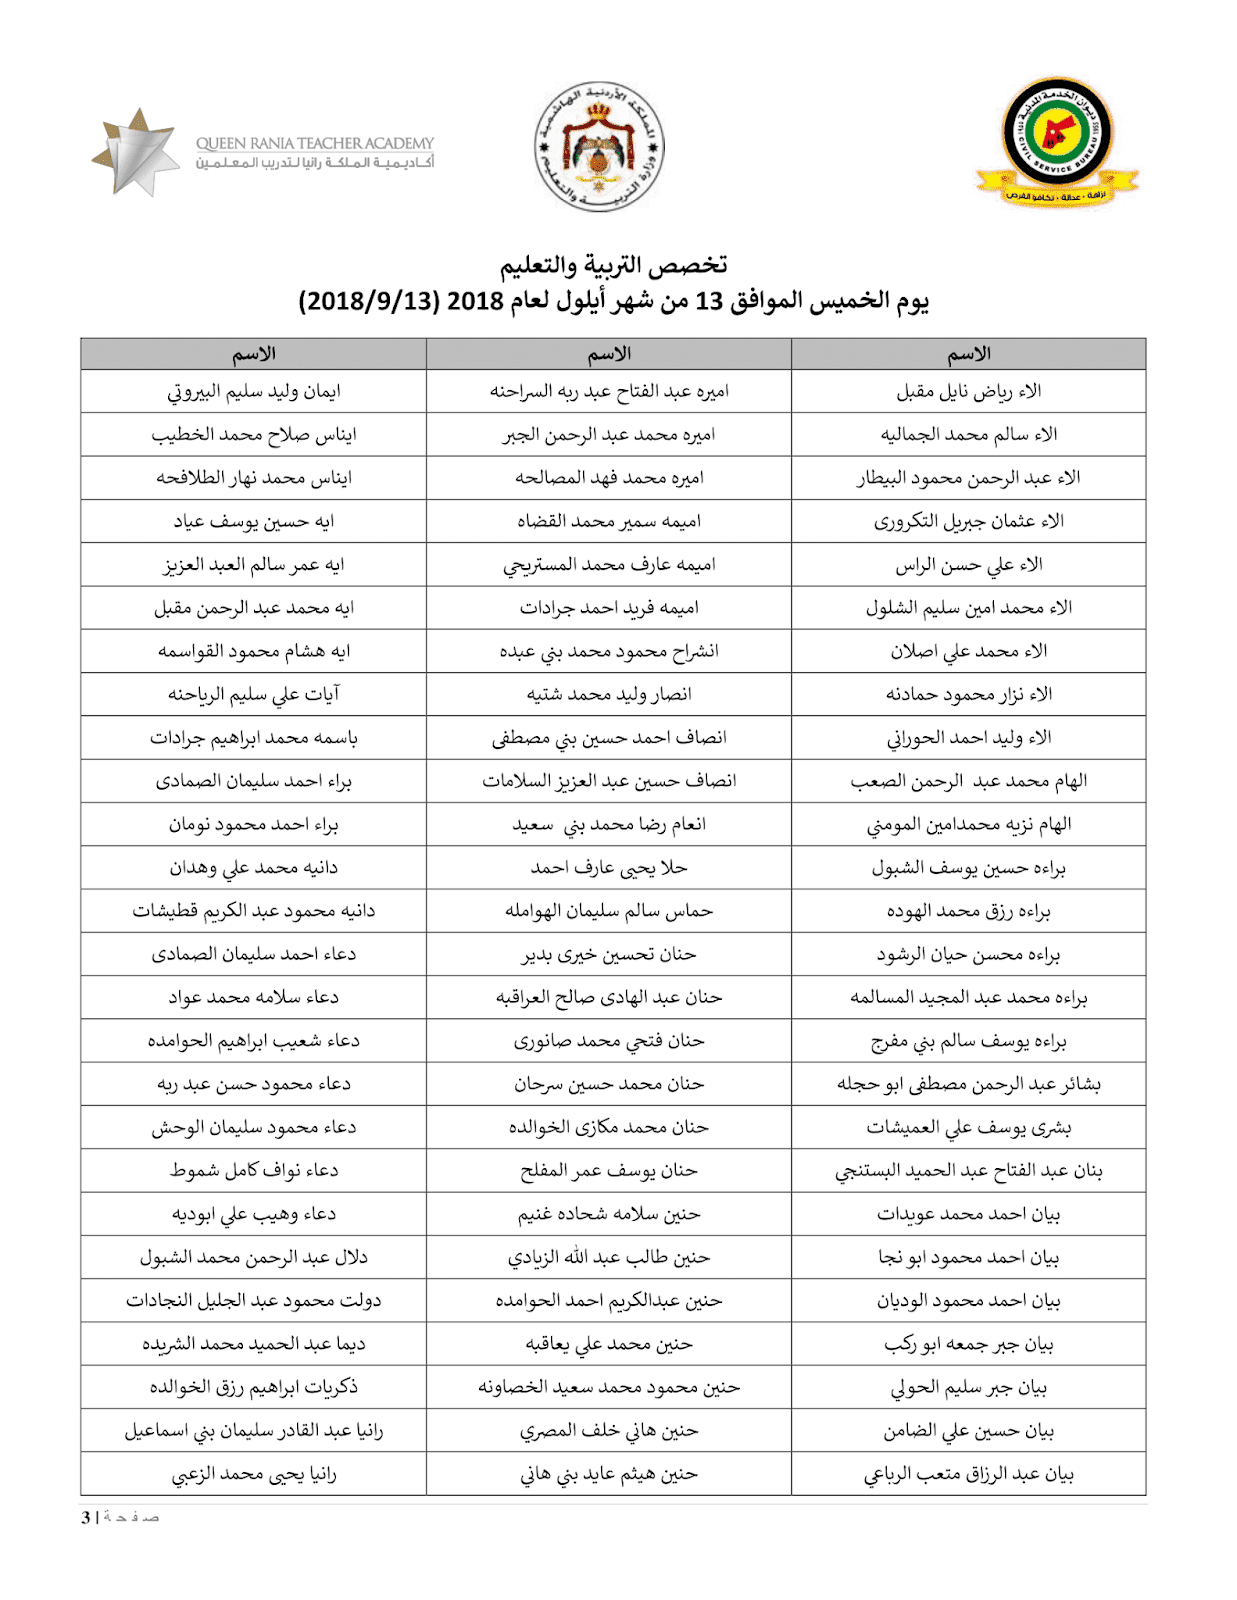 أسماء المدعوين لحضور الامتحان التنافسي